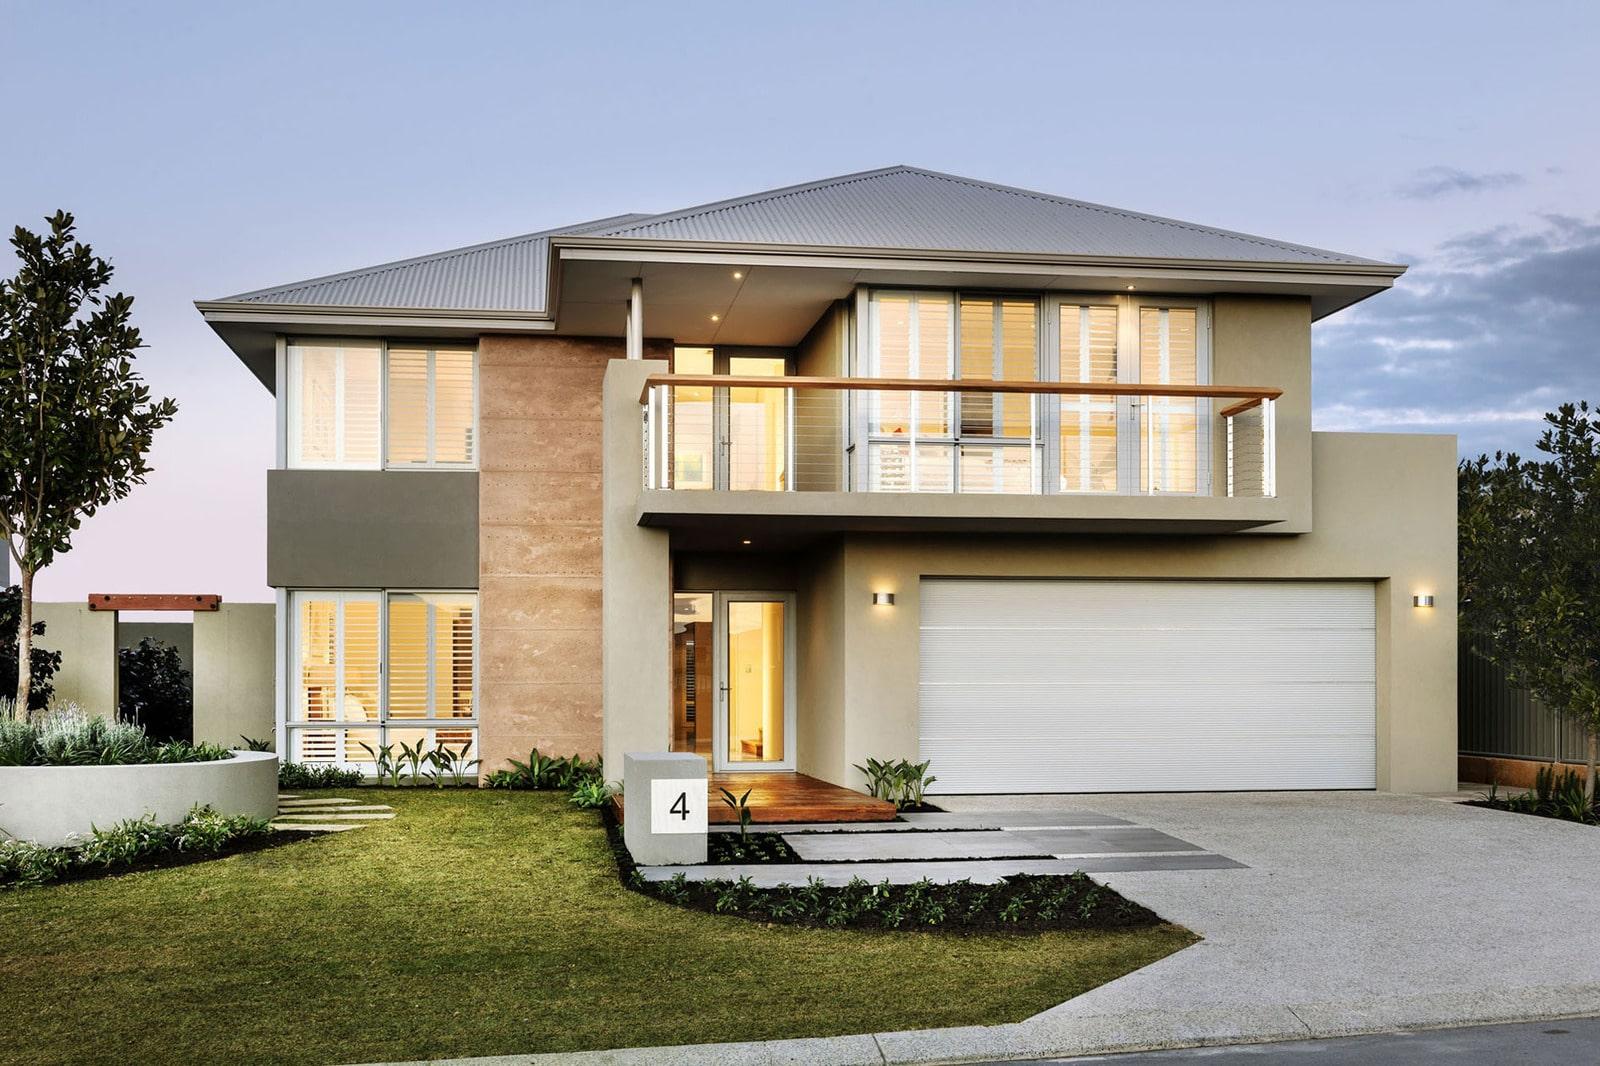 Dise o de casa moderna de dos pisos fachada e interiores for Fachadas de casas de 3 pisos modernas